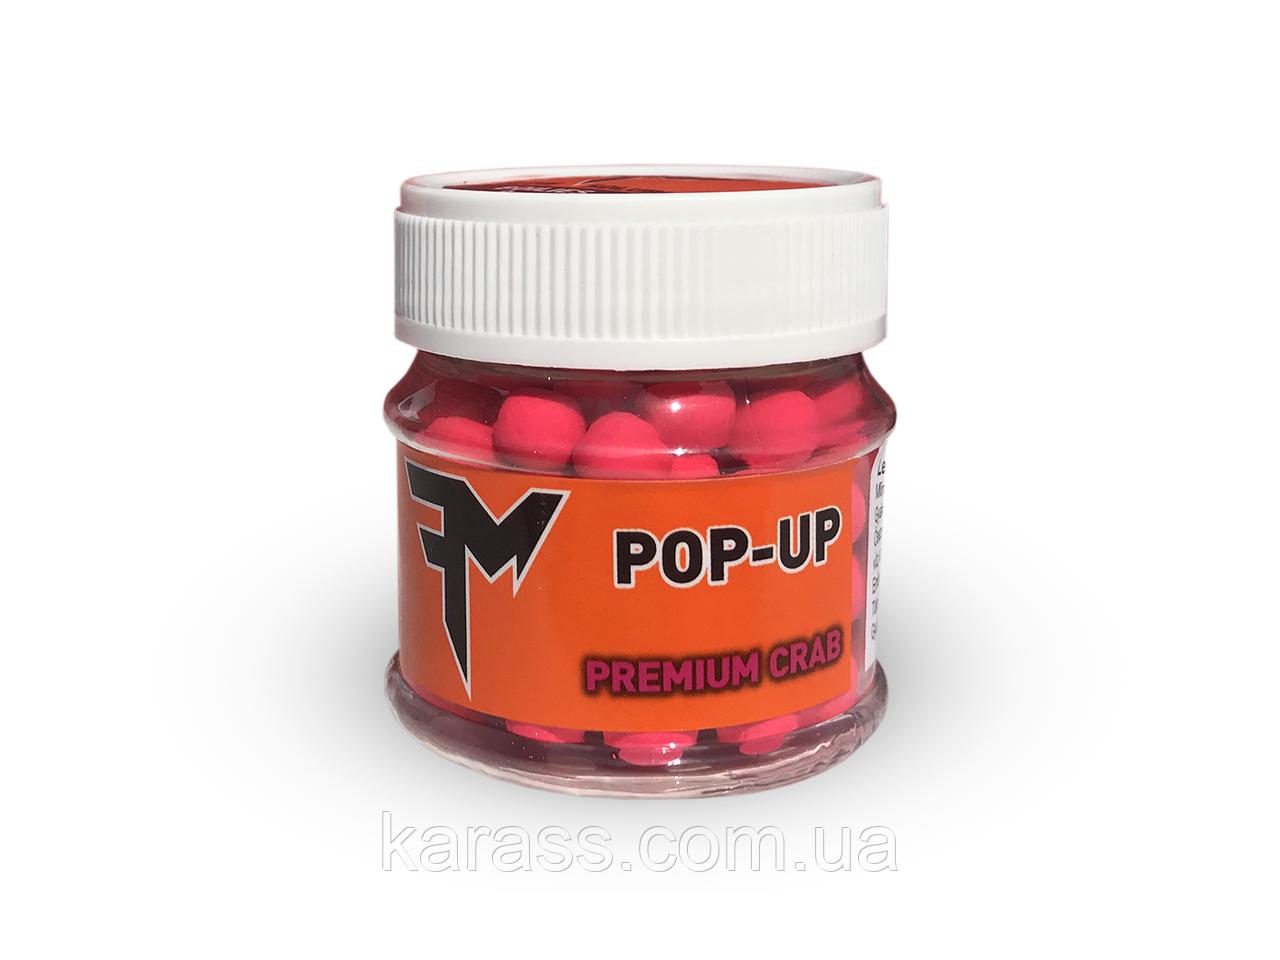 FEEDERMANIA POP-UP BOILIE 10mm Premium Crab